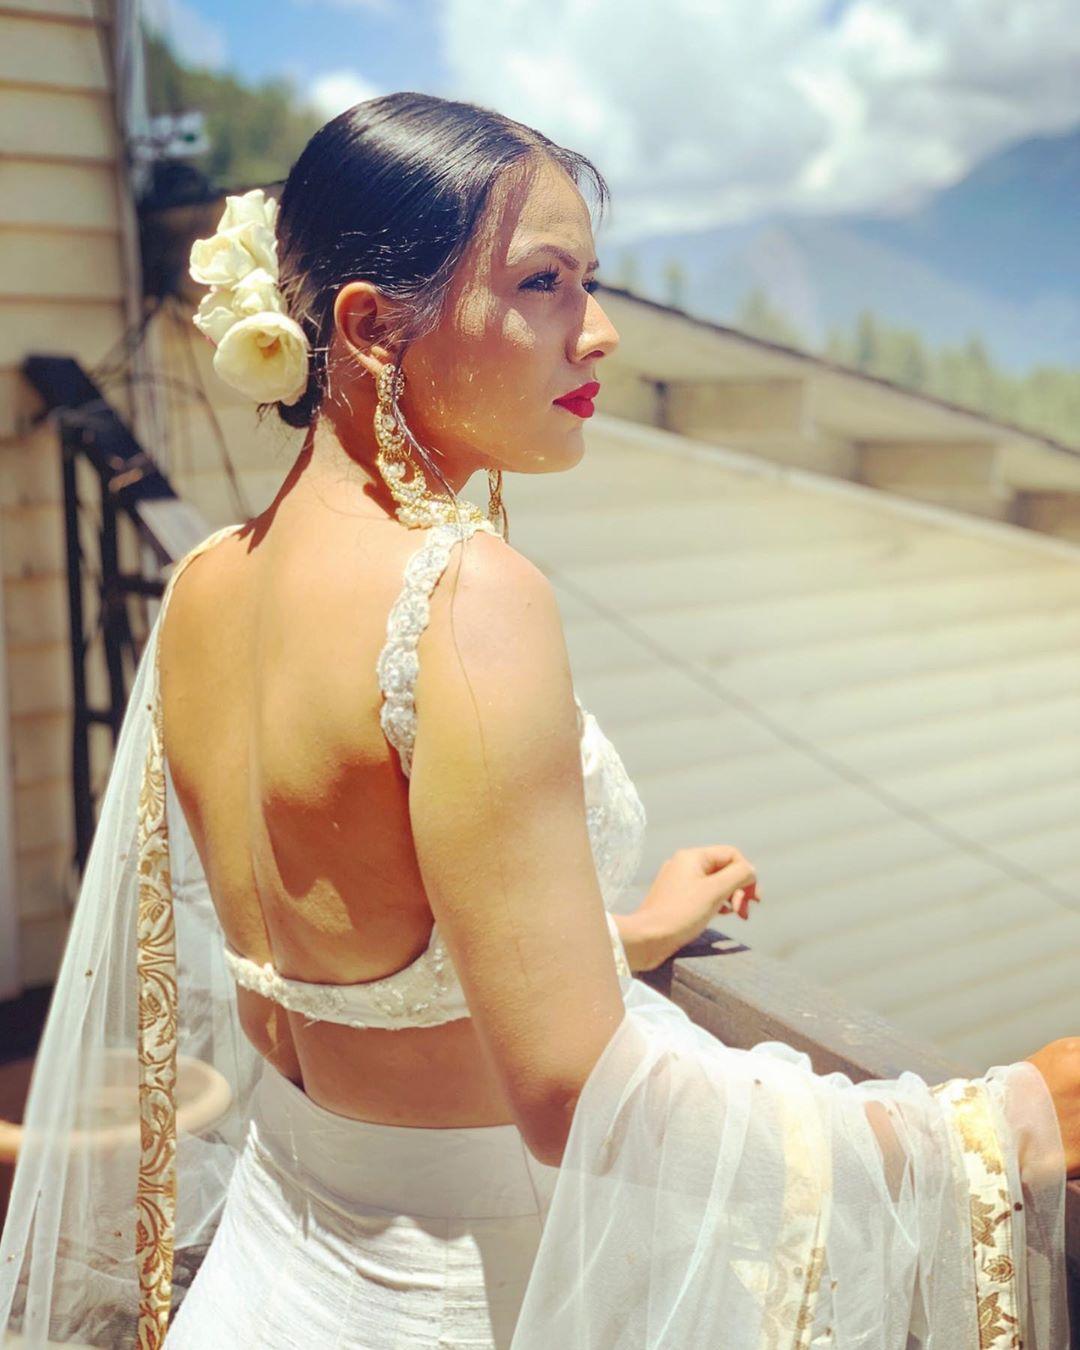 Bollywood Tadka,निया शर्मा इमेज,निया शर्मा फोटो,निया शर्मा पिक्चर,